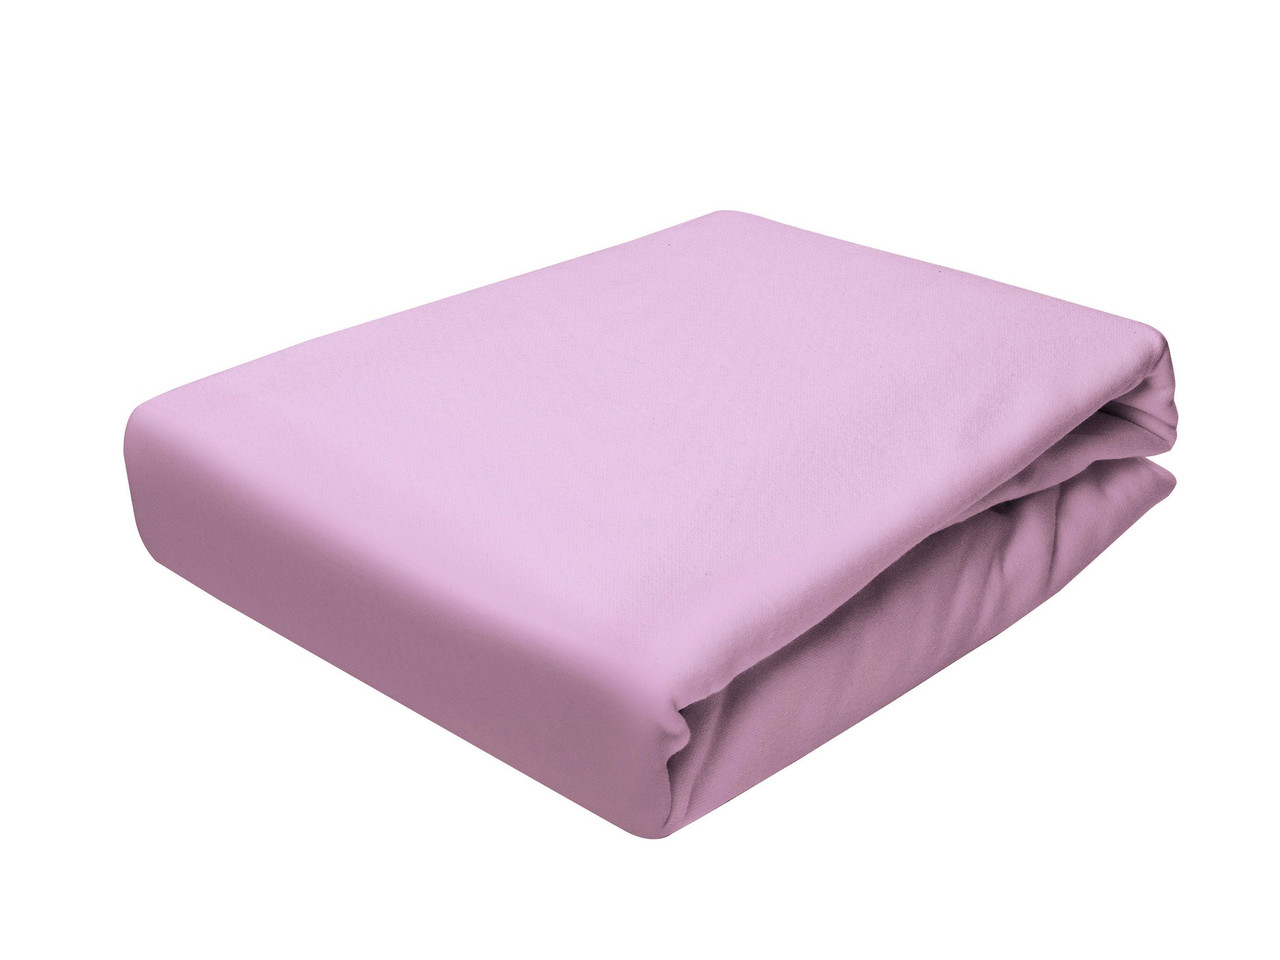 Простыня Трикотажная На резинке NR 020 P.P.H.U. J&M 5101 120x200 см Фиолетовая